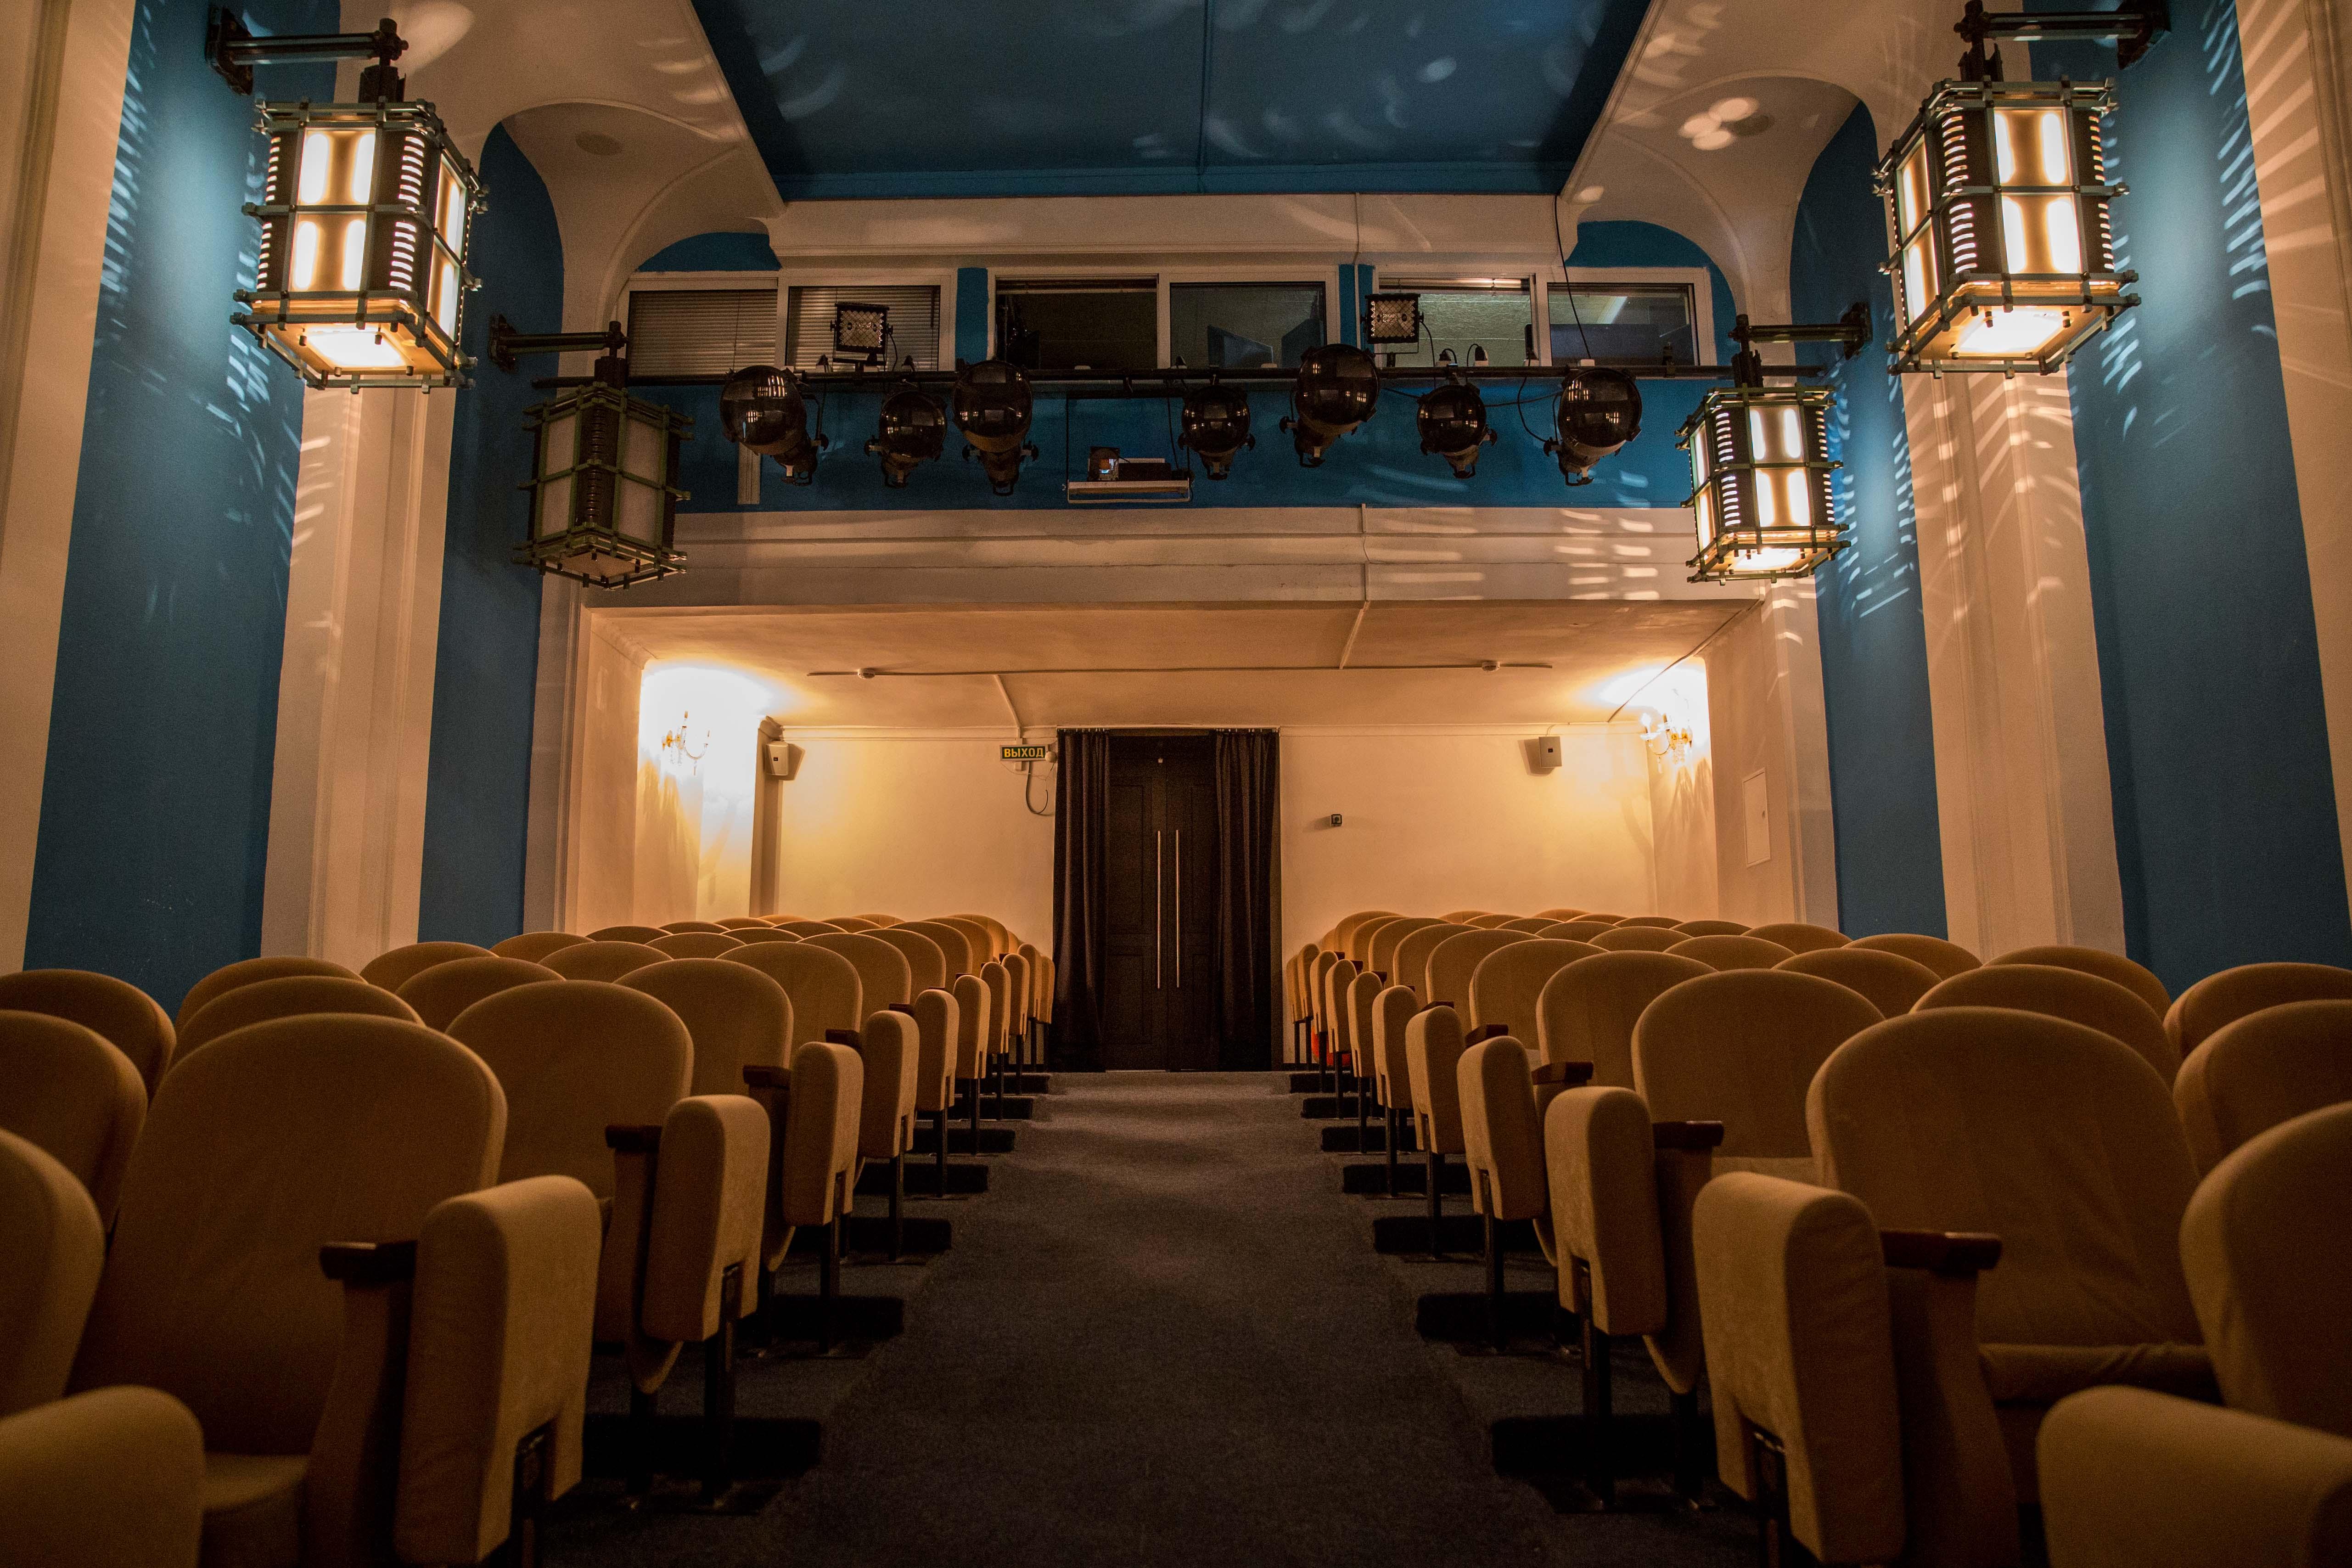 Продажа билетов красноярск театр афиша театр 18 ростов